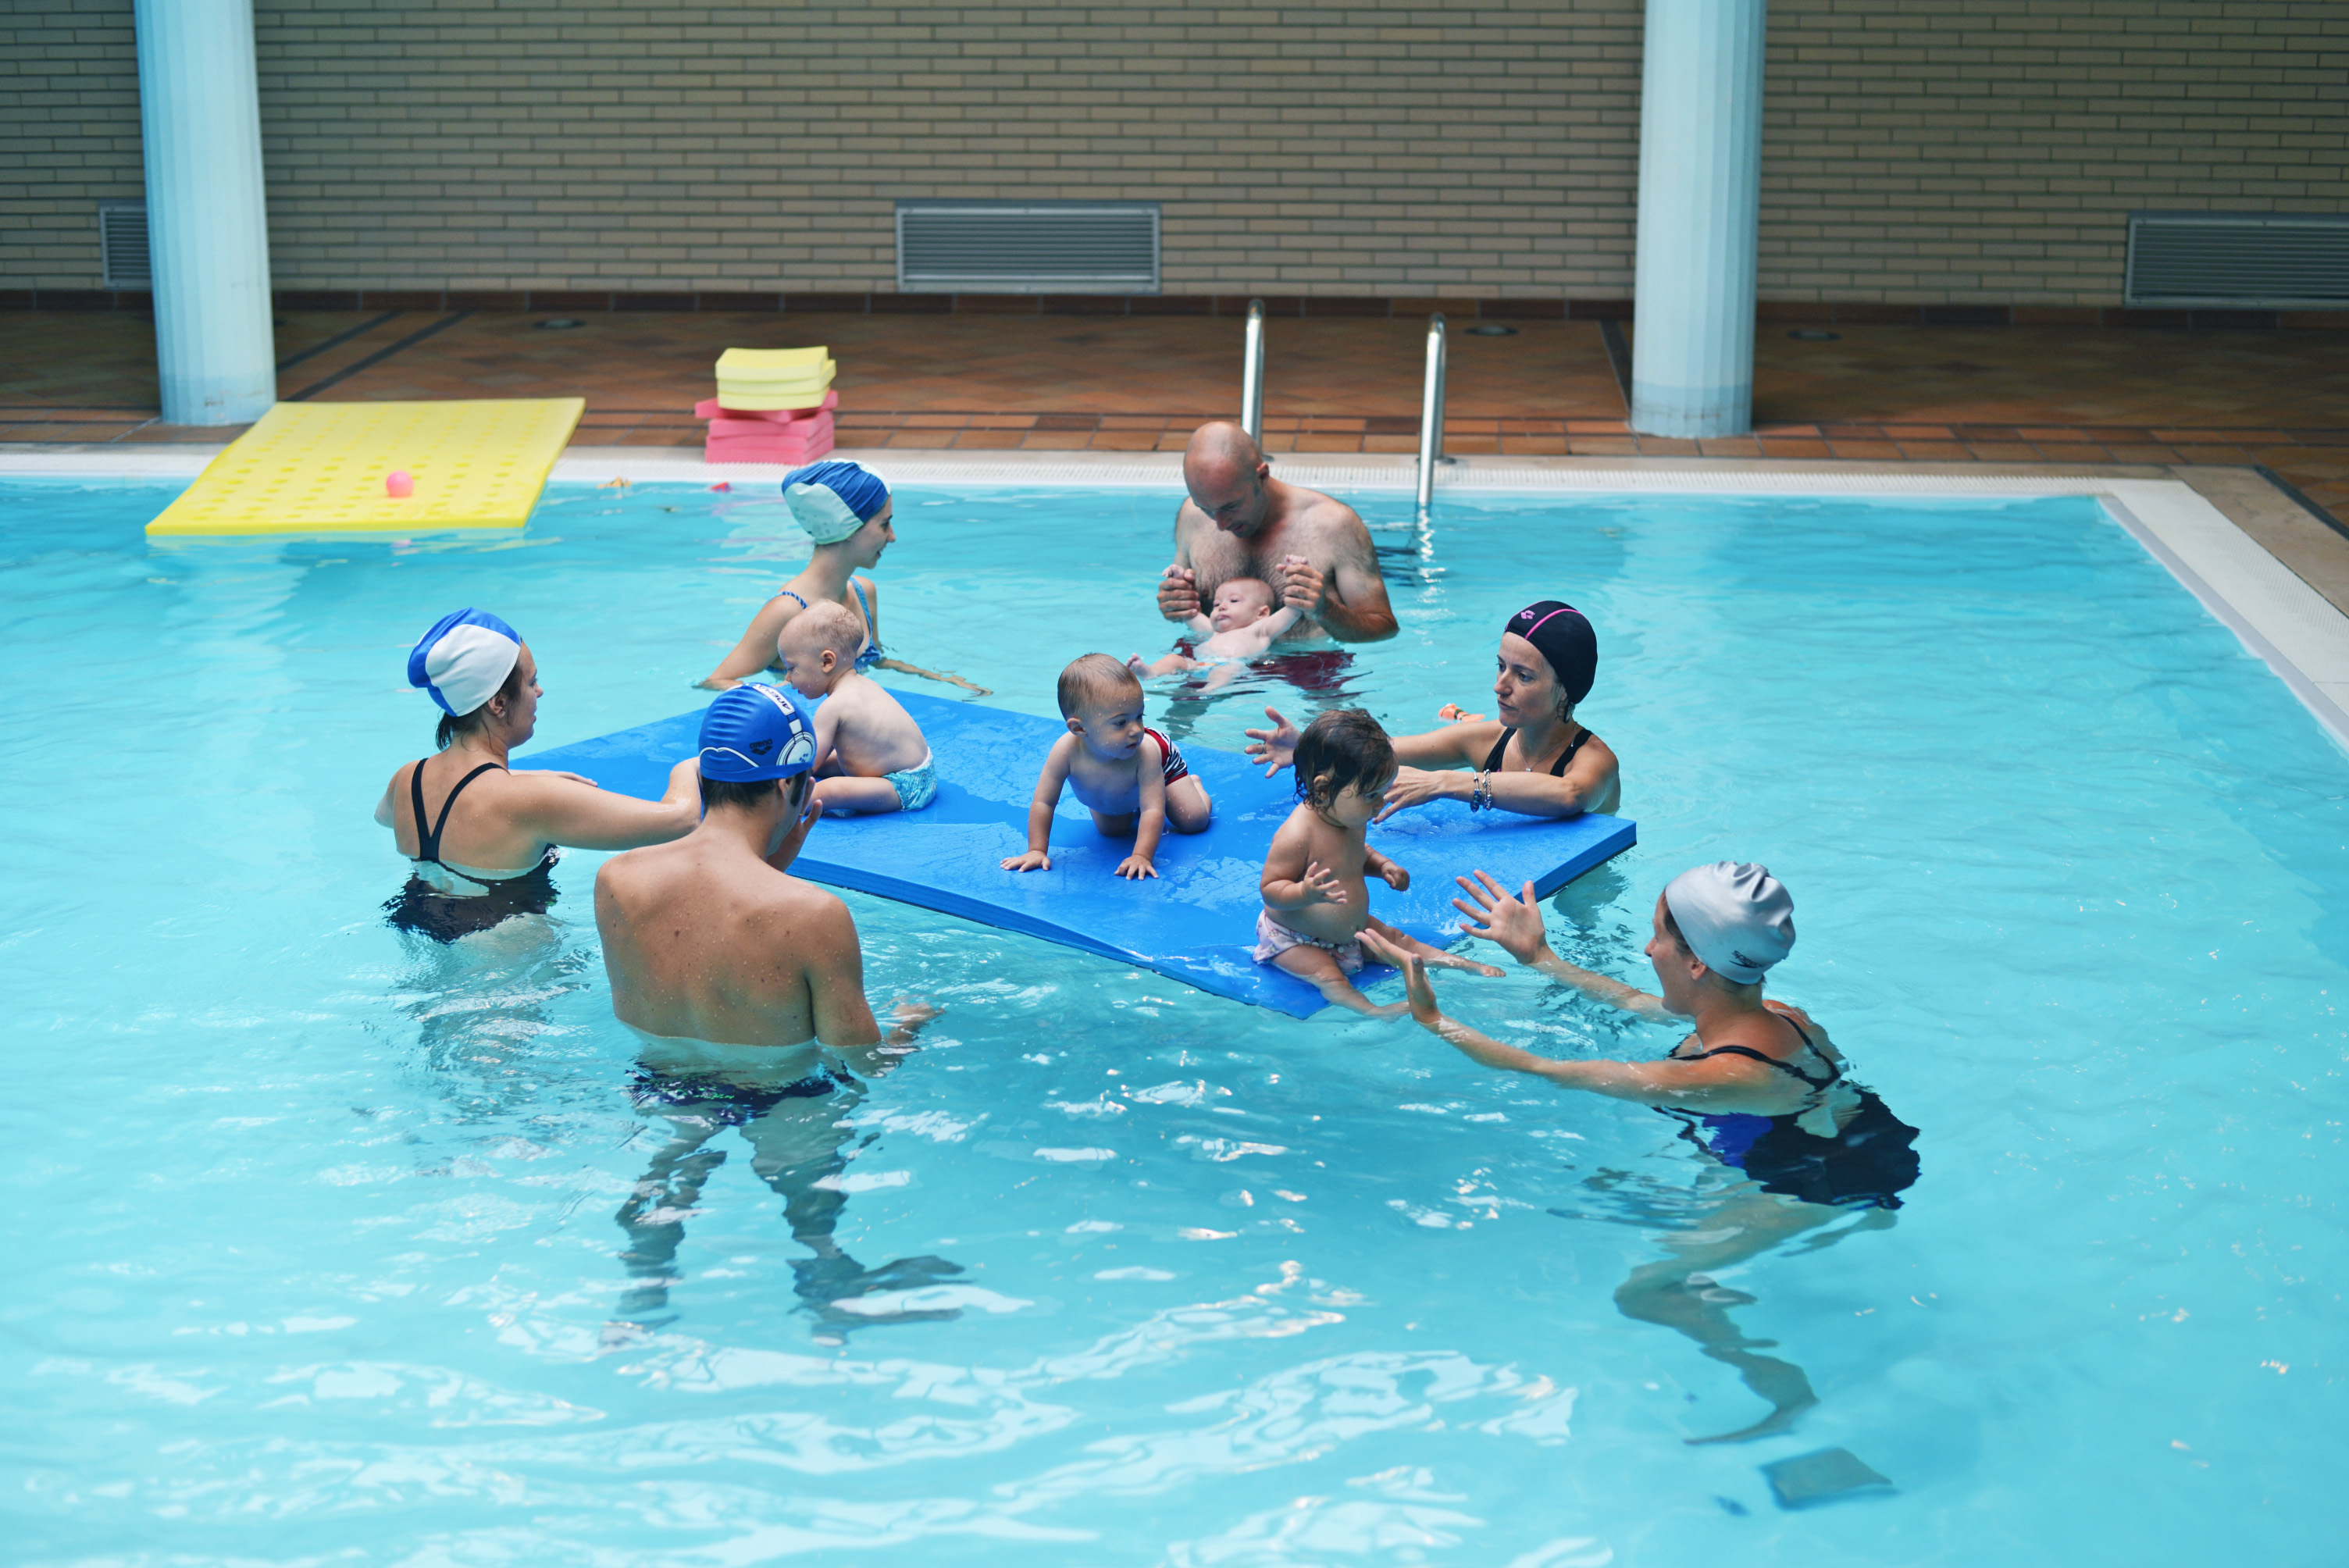 Focus acquaticit neonati piscina centro ferrero - Corsi piscina neonati ...